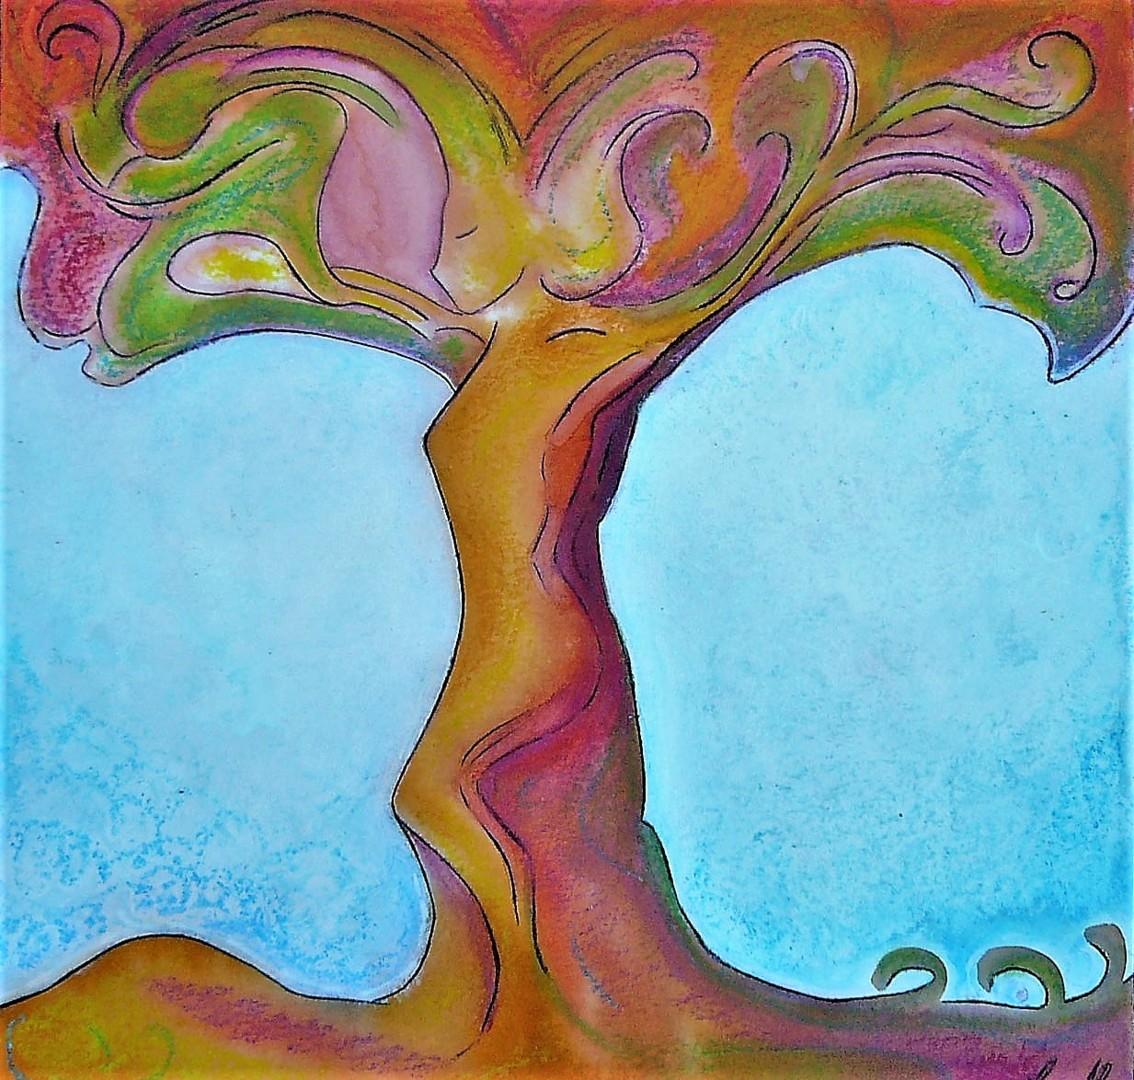 Gioia Albano - Tree's soul, healing art